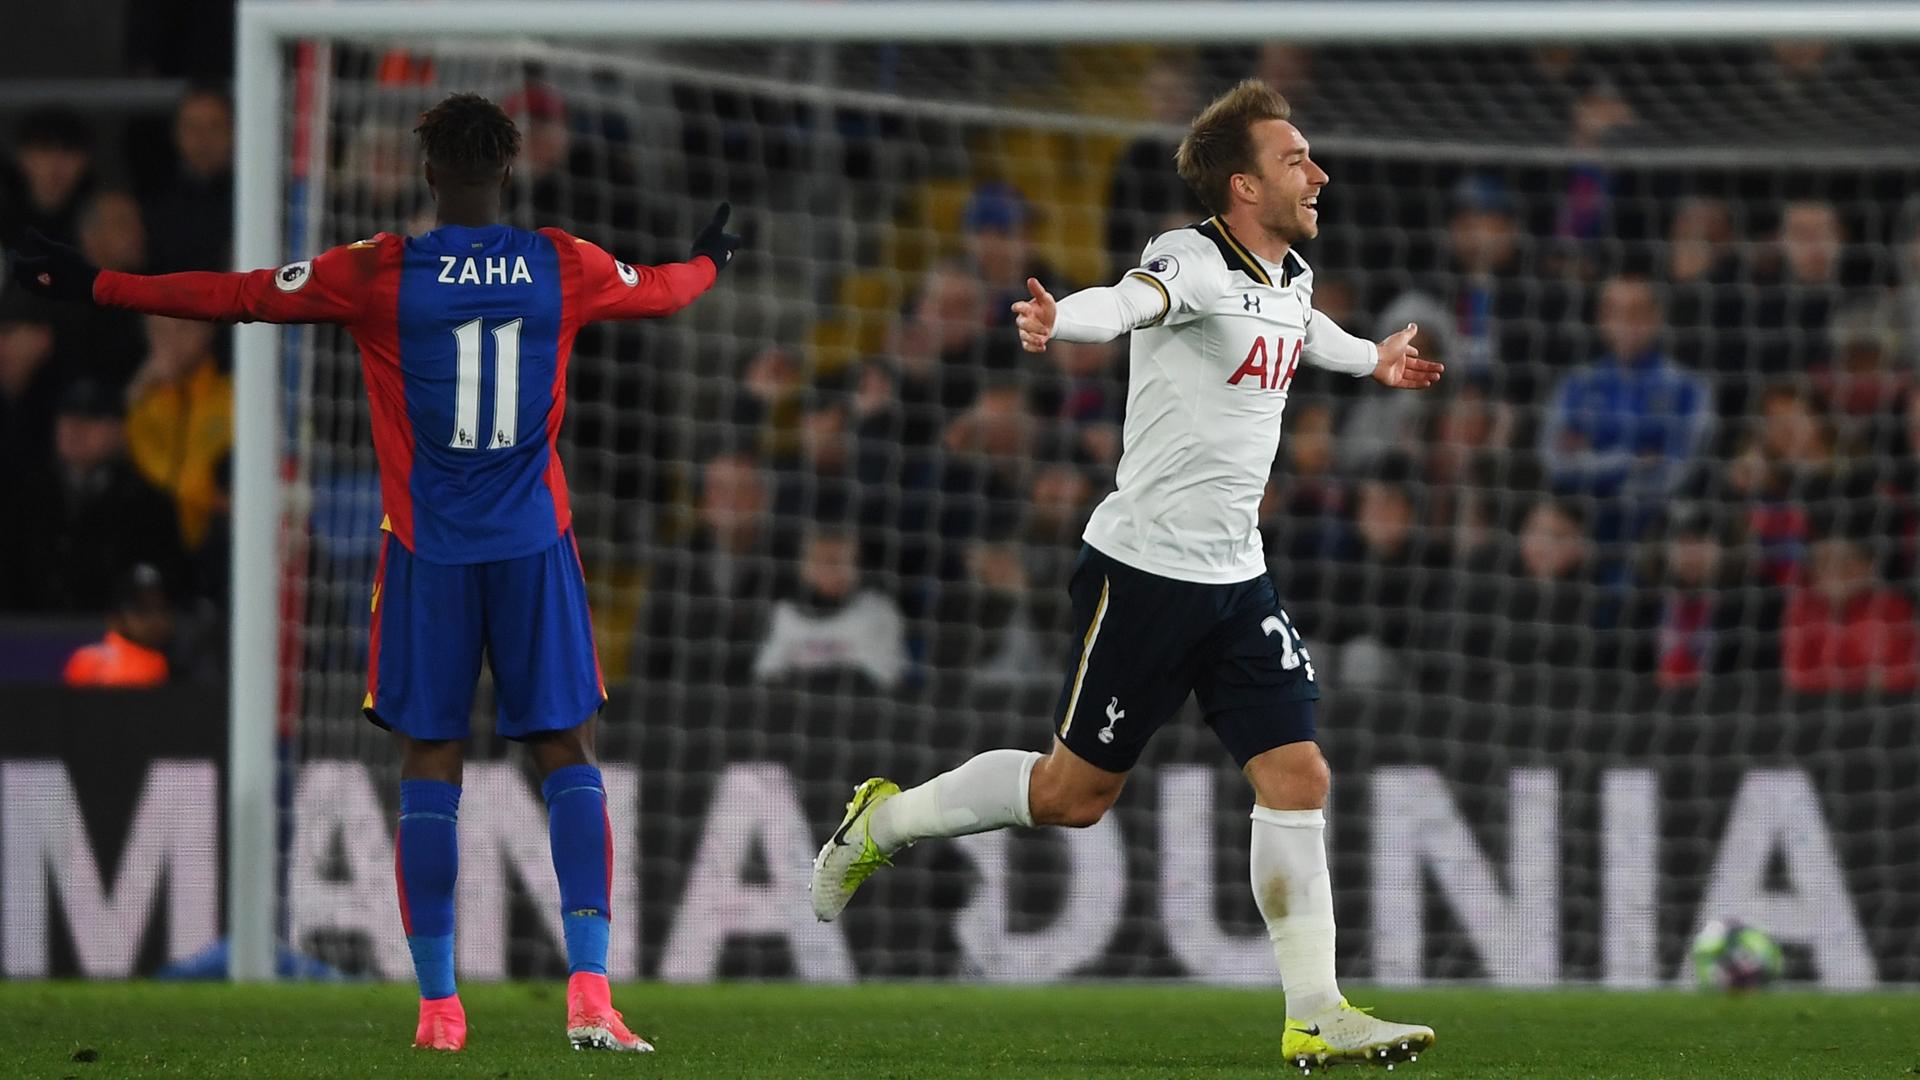 Tottenham aprieta al Chelsea en la Premier